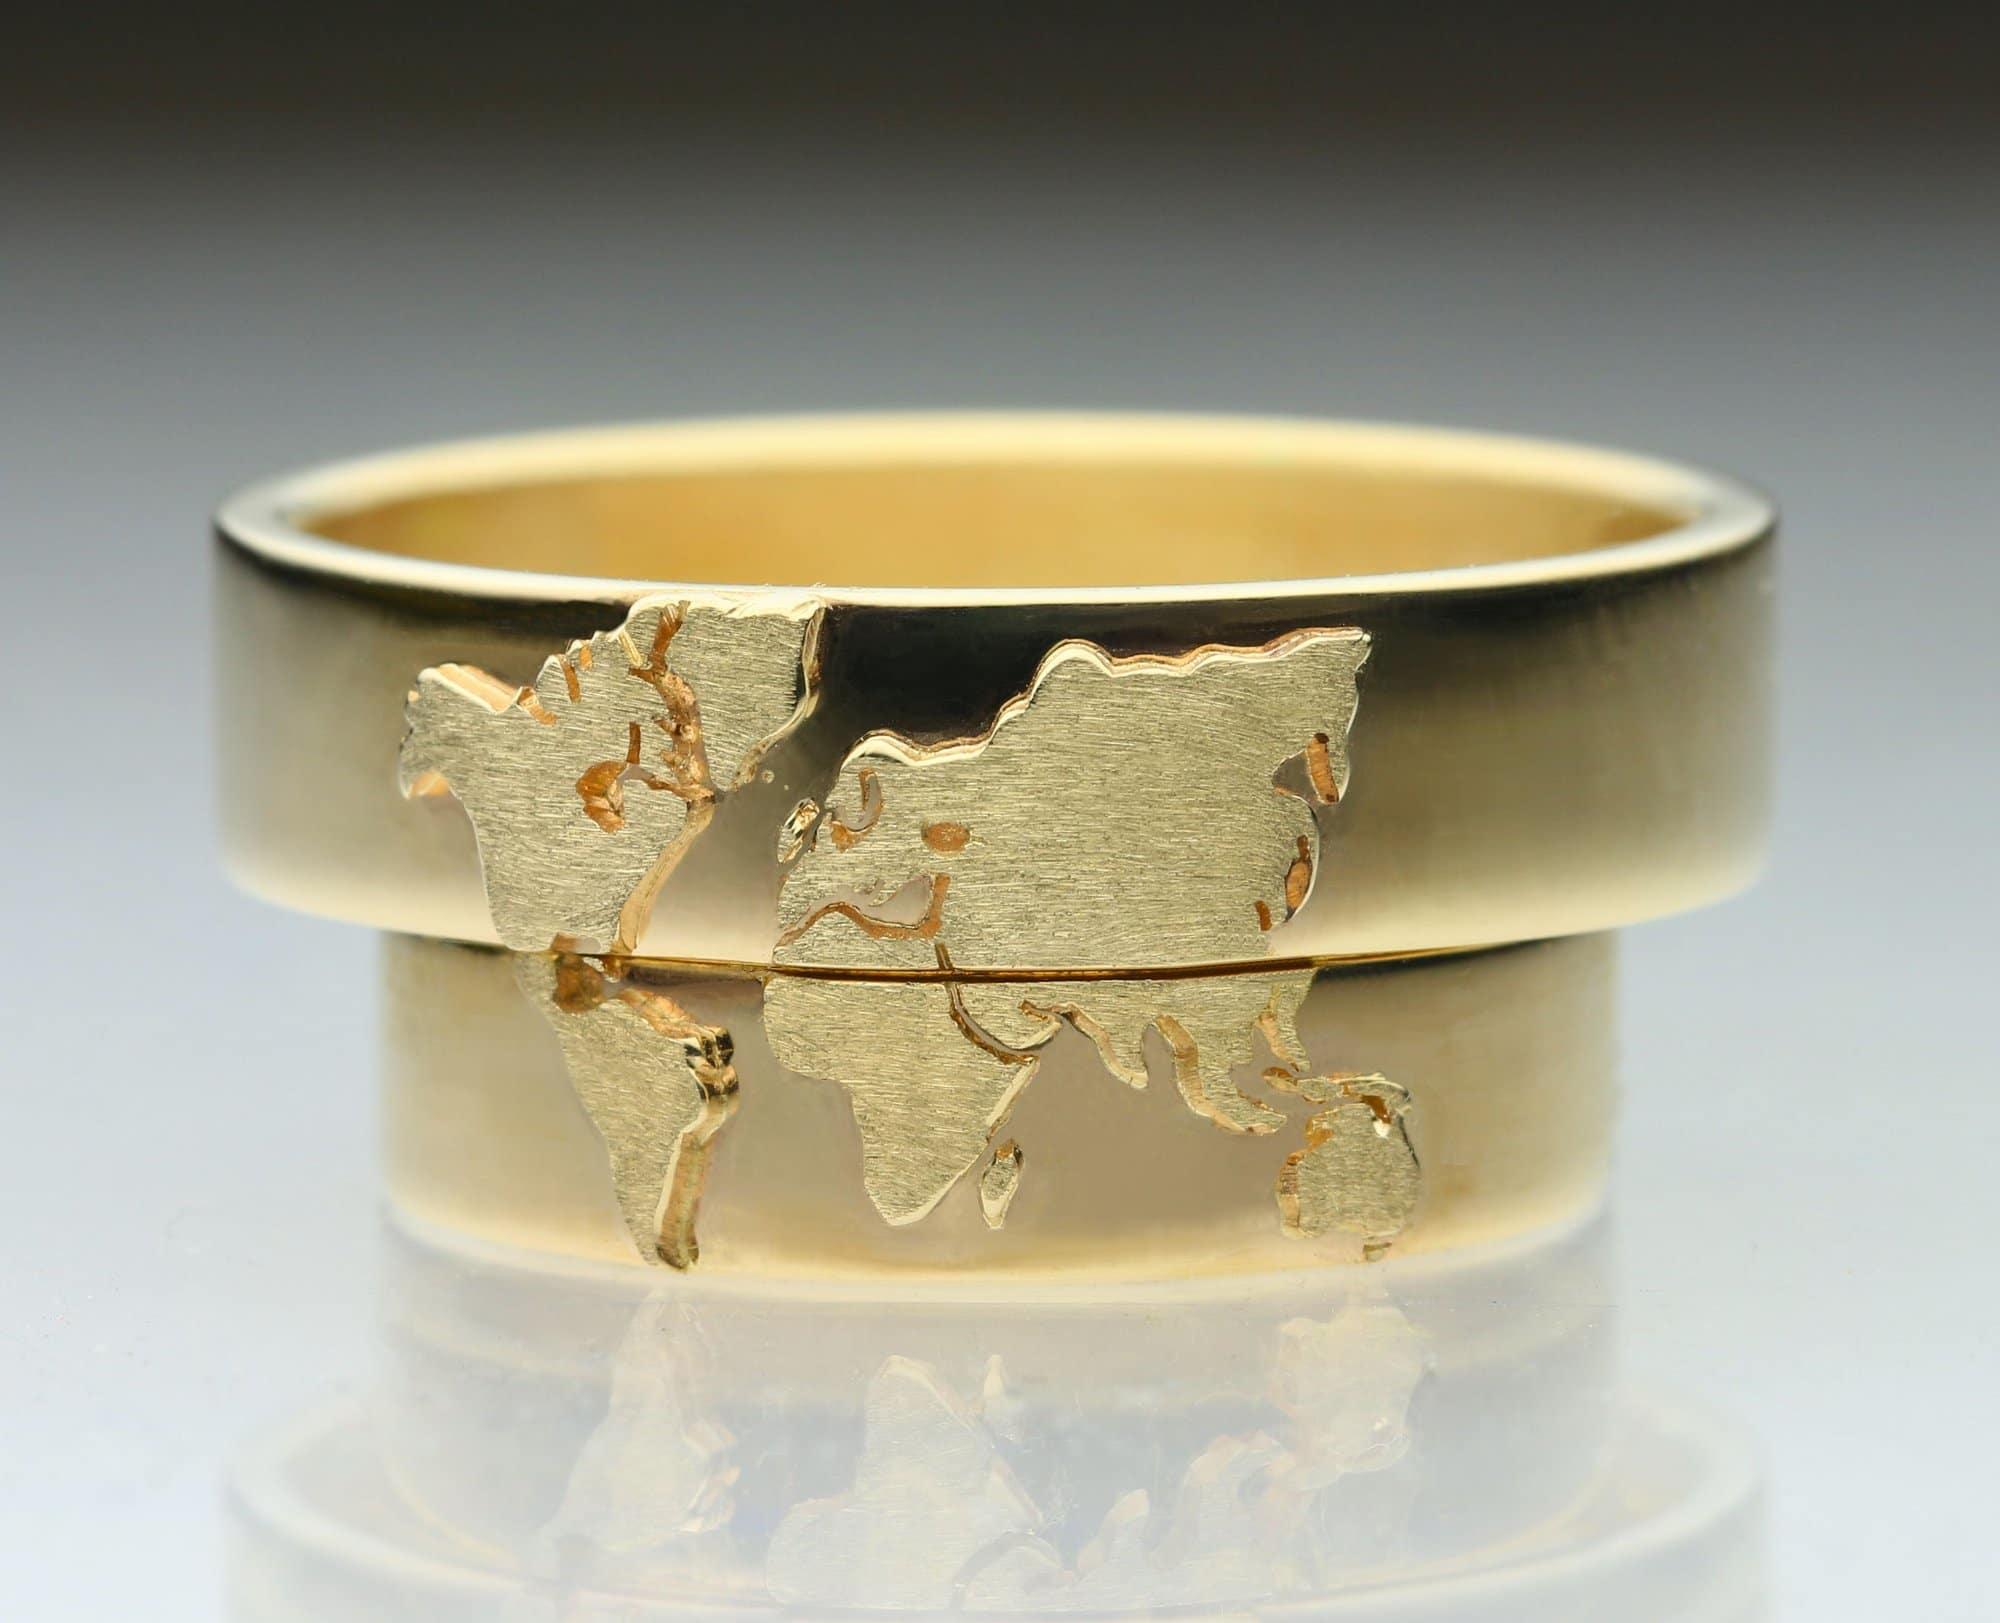 Vielsesringe i guld med mønster af verden